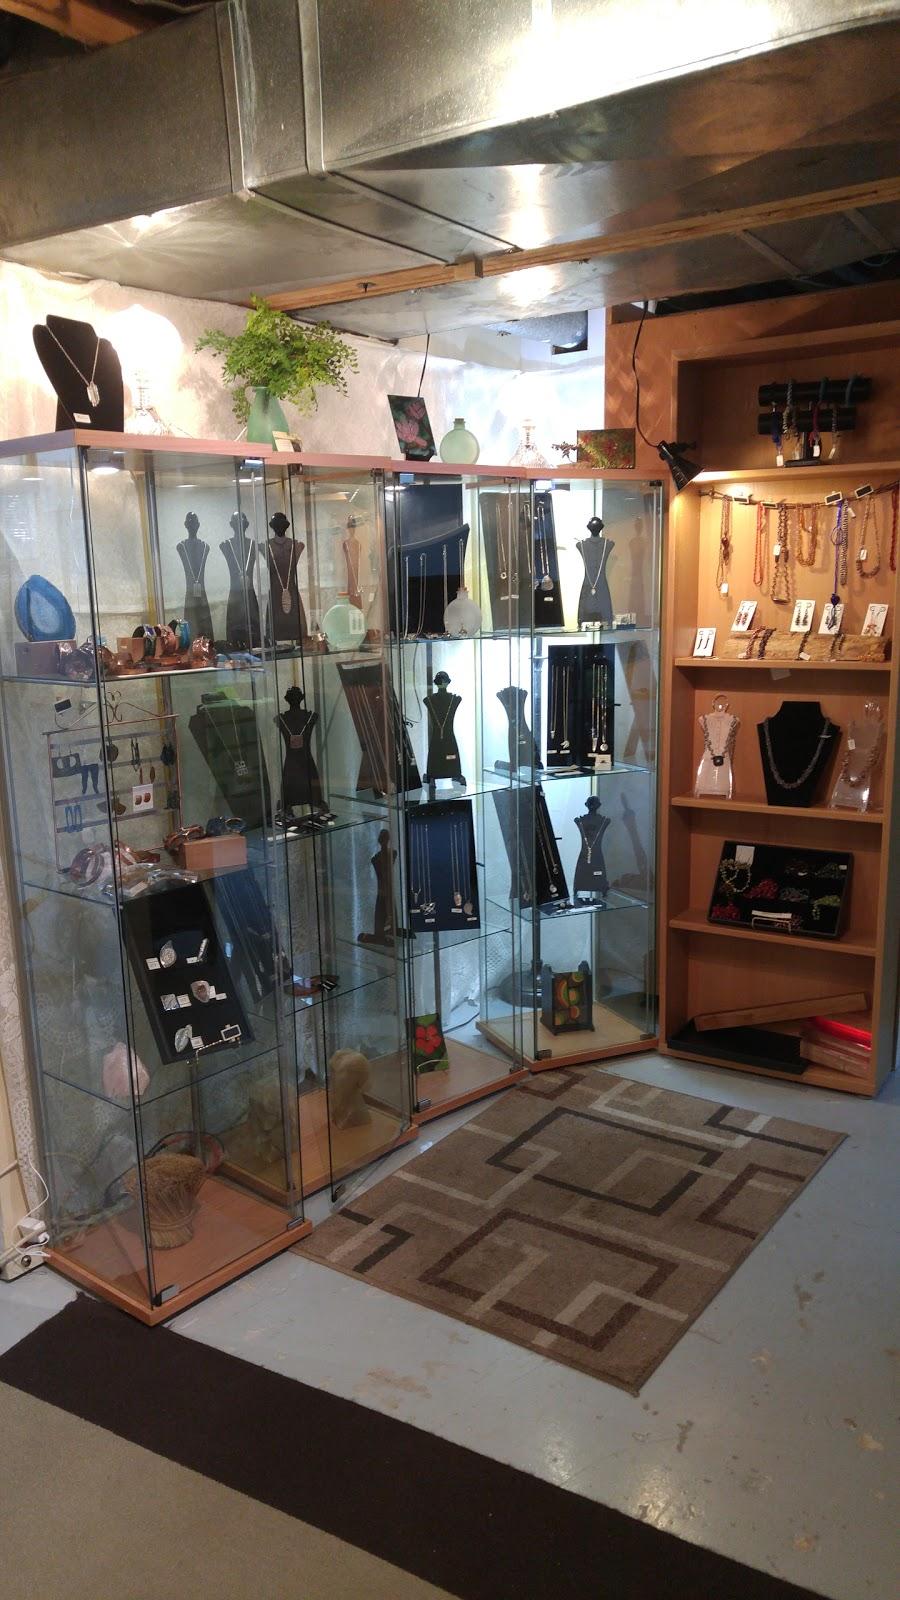 Jewelry Artlou - Louise Séguin Joaillière   jewelry store   2589 Rue du Bourgogne, Saint-Lazare, QC J7T 2C1, Canada   5149130586 OR +1 514-913-0586